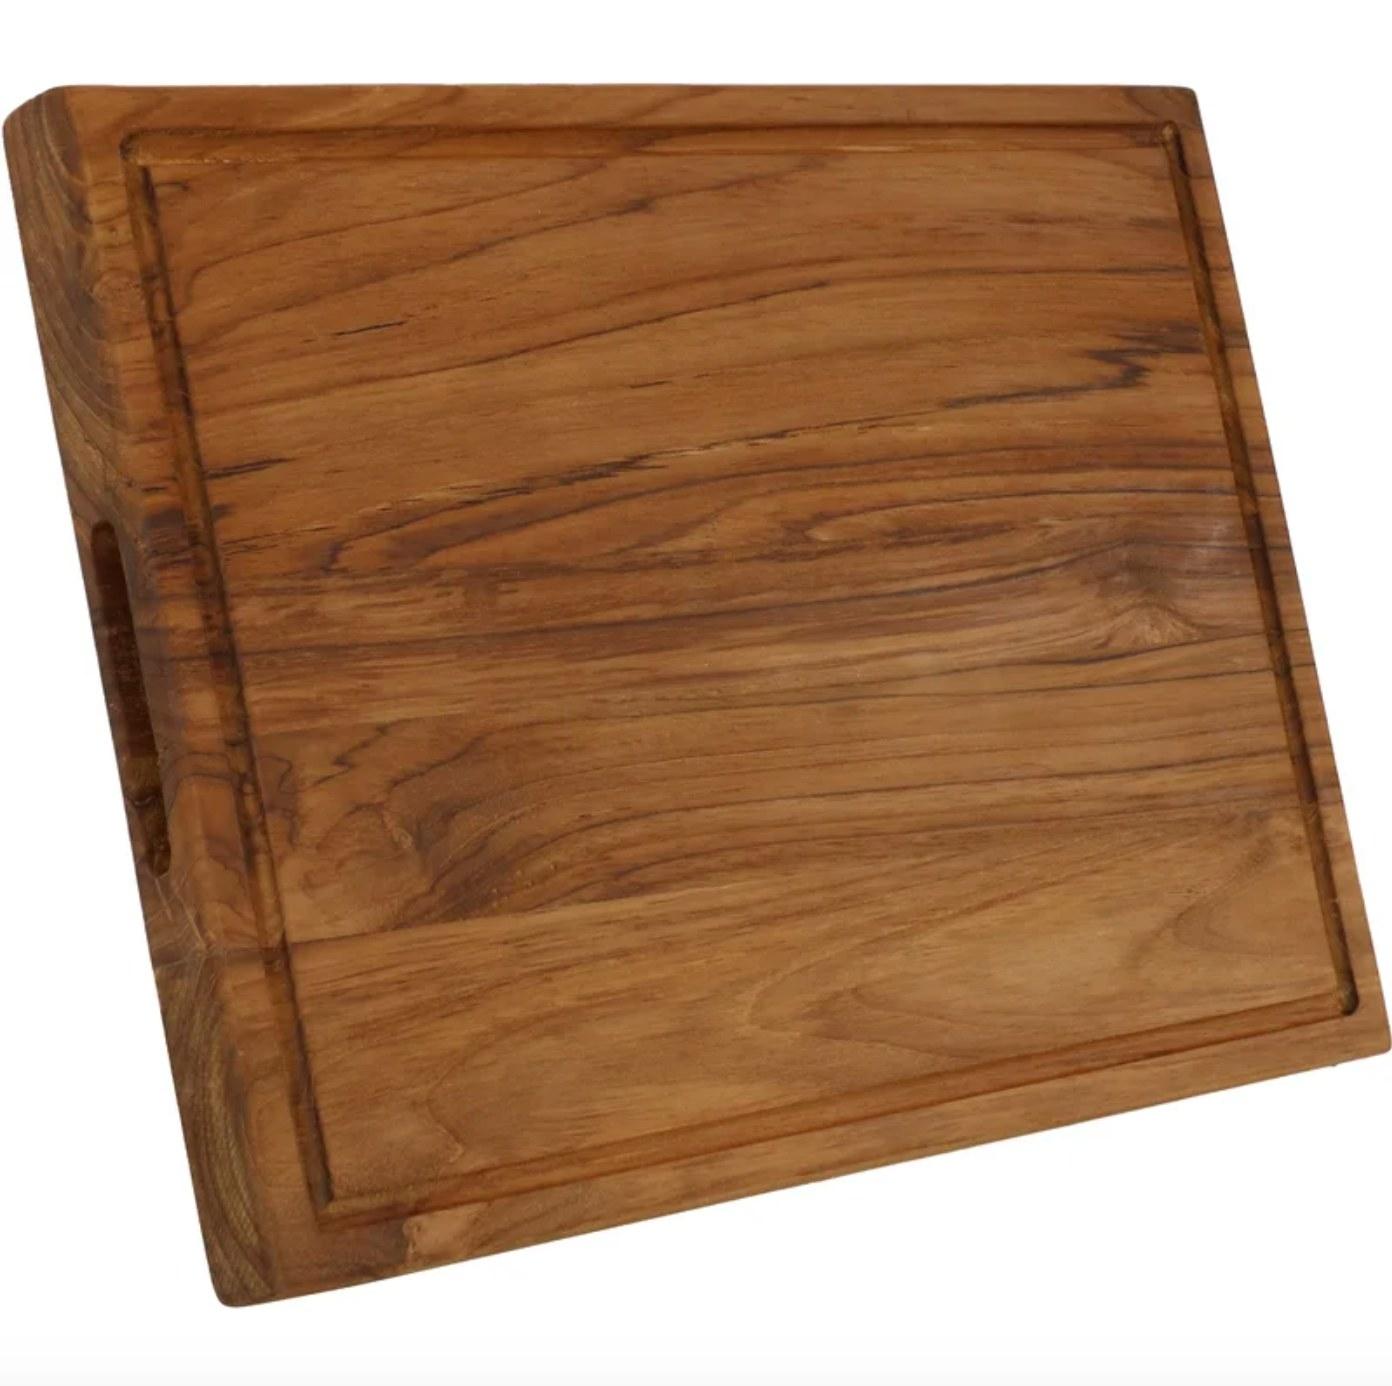 The wood cutting board